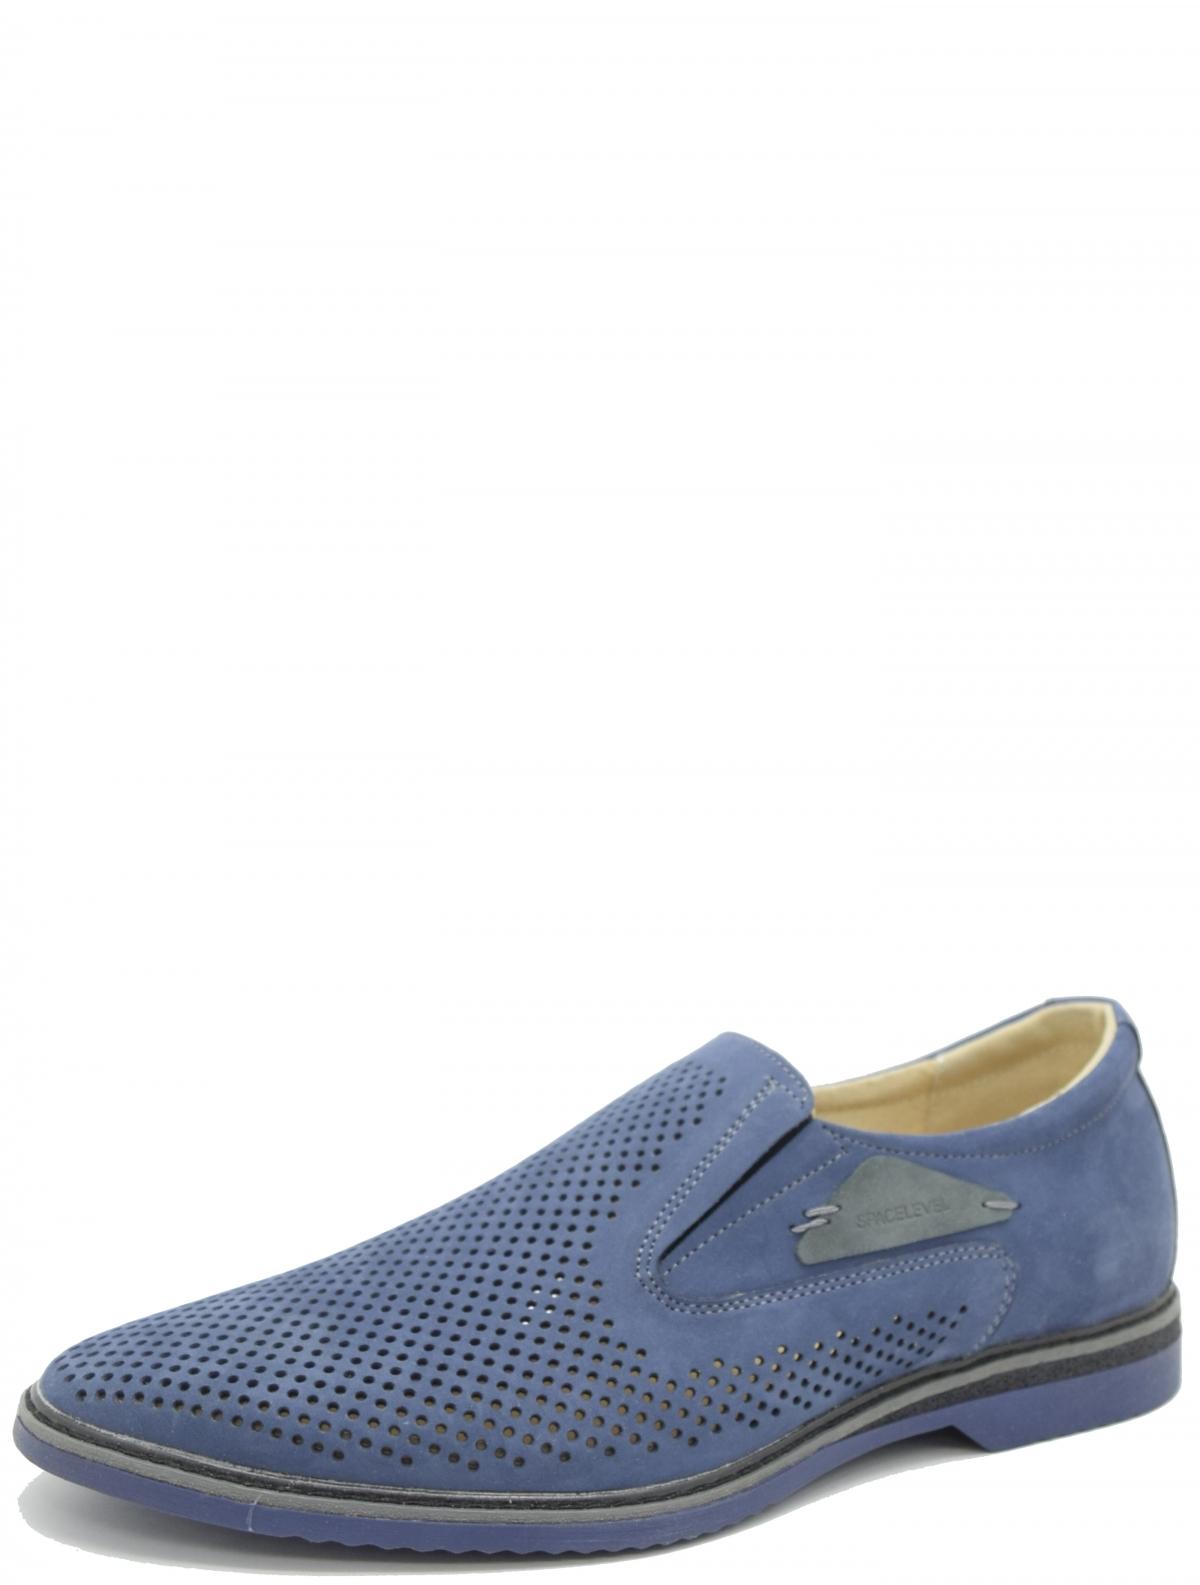 Элса 551-2 мужские туфли